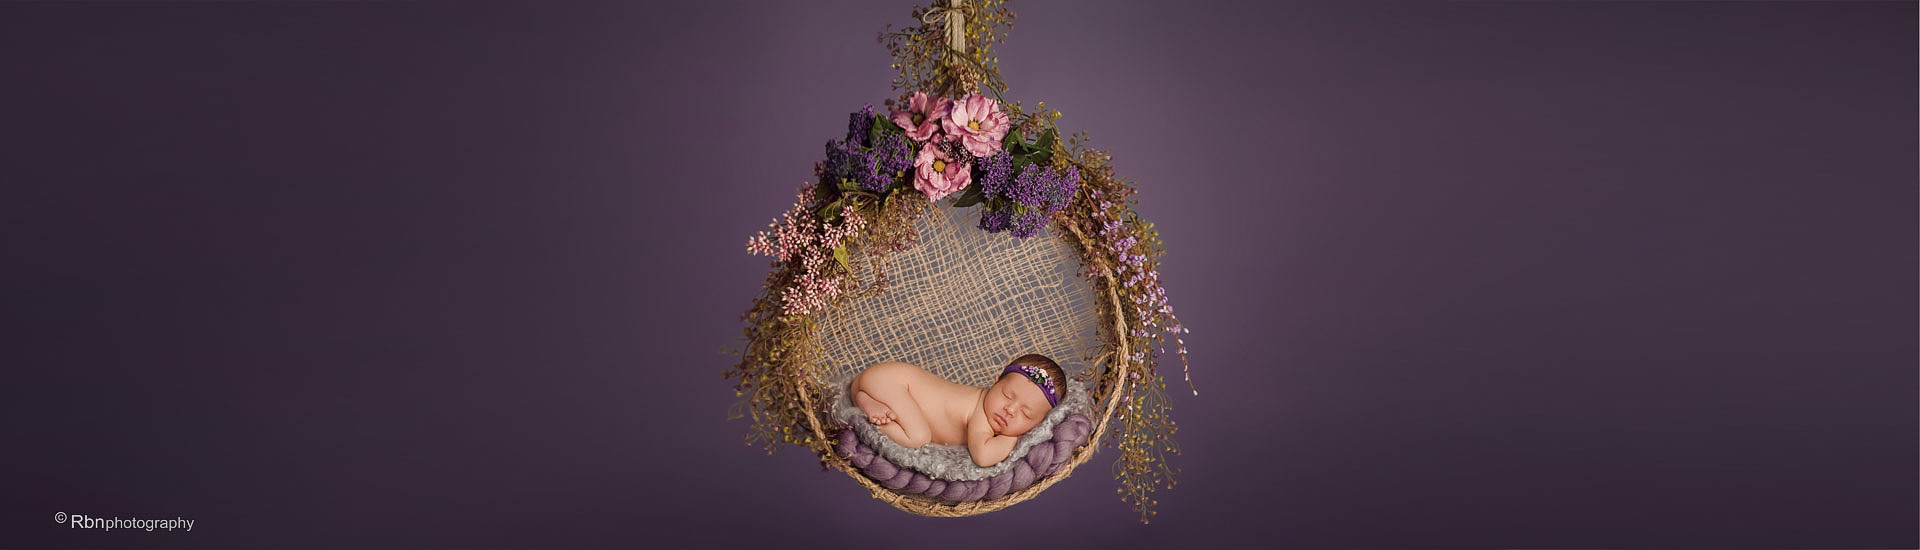 fotografo bebes-reportaje bebe-fotos estudio bebes-fotografo recien nacido